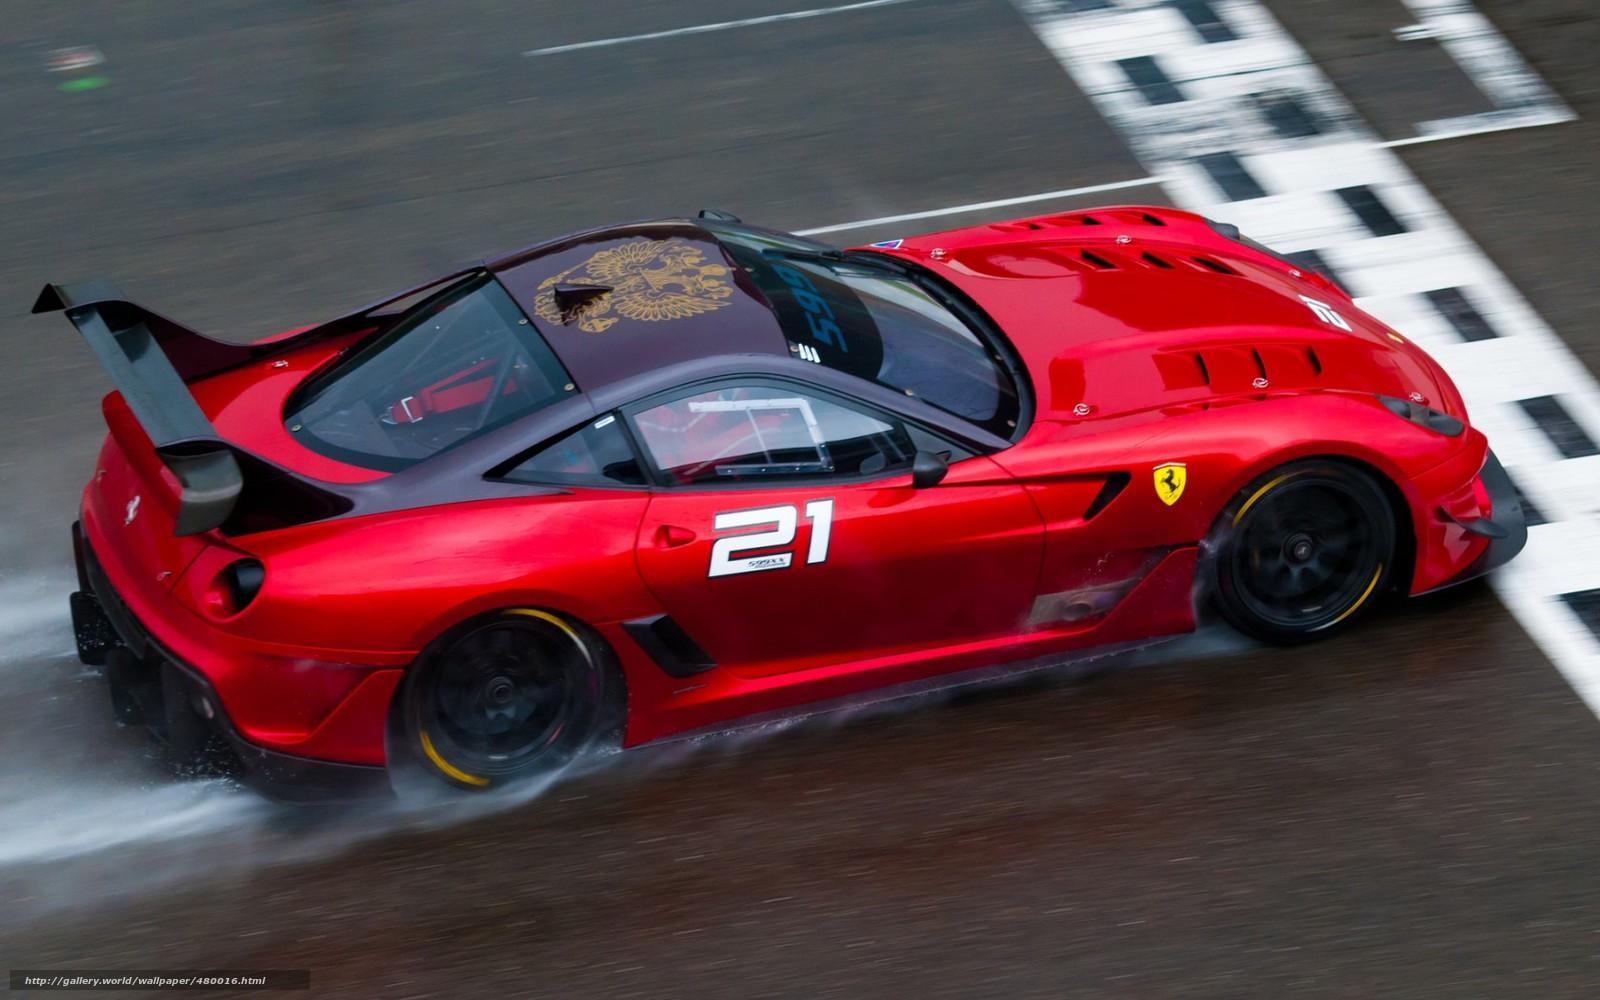 Tlcharger Fond D Ecran Ferrari Rouge Course Piste Fonds